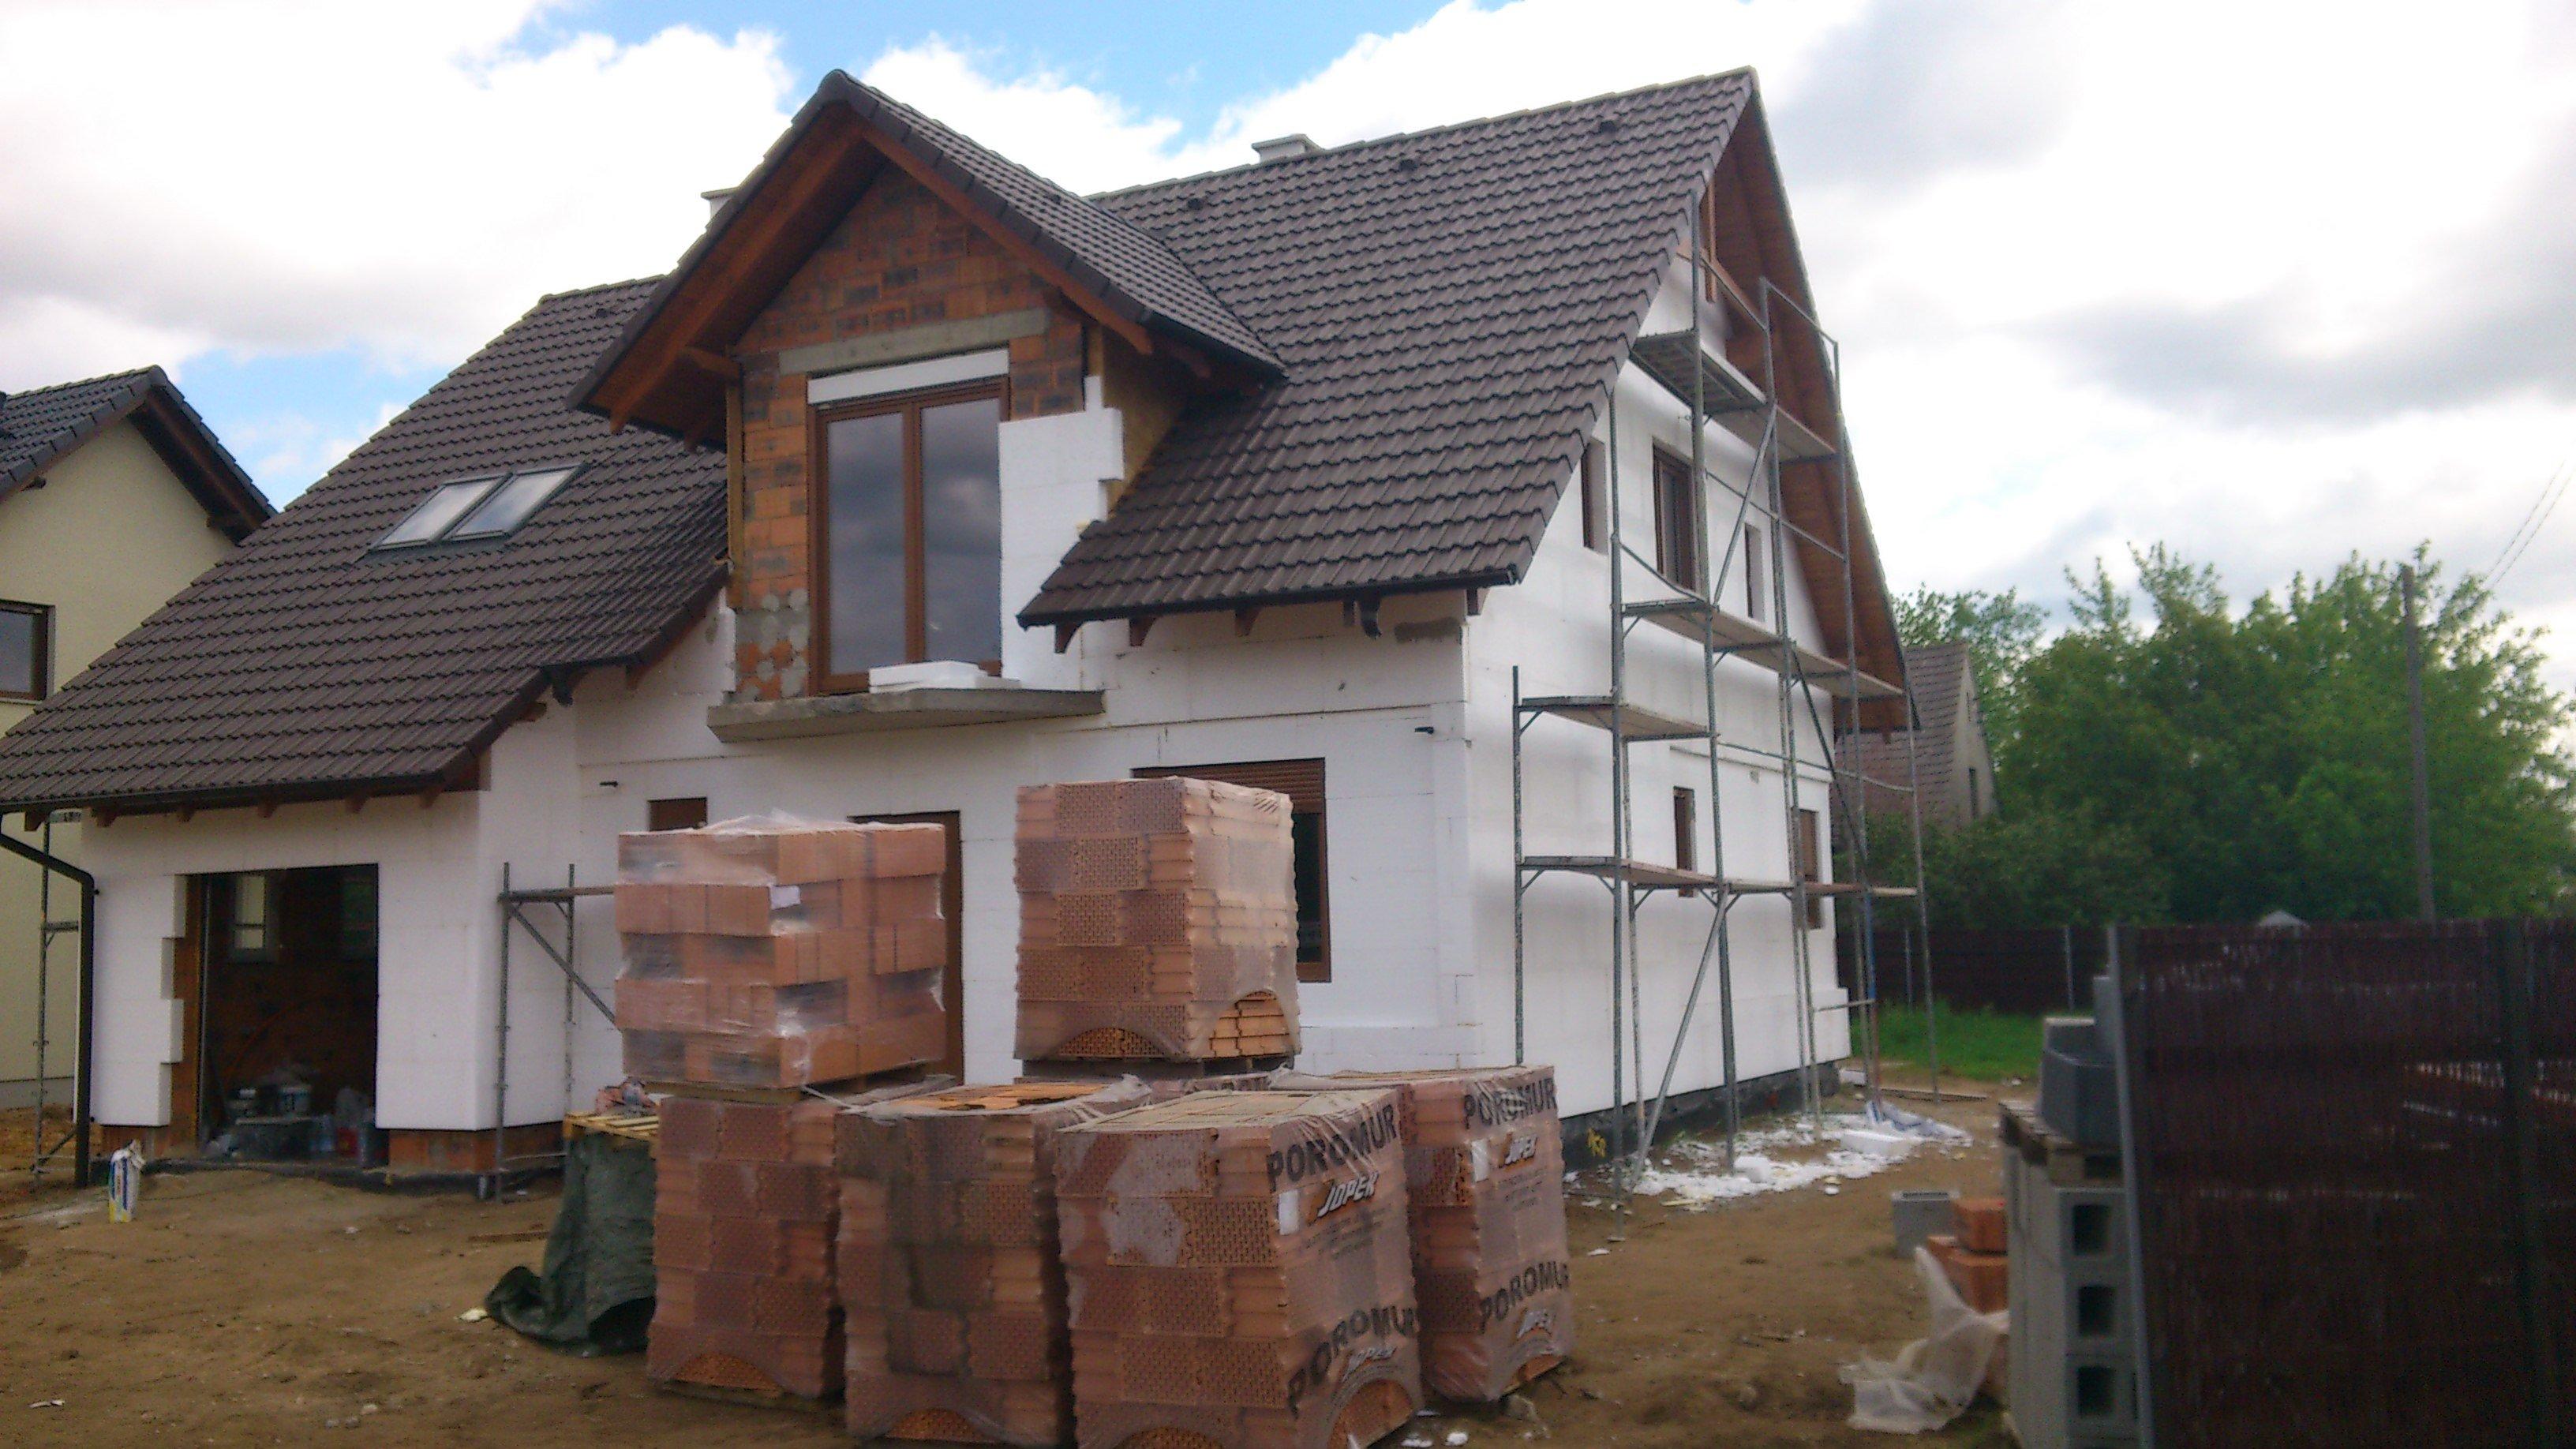 Kompleksowe usługi remontowo-budowlane, wykańczanie budynków, elewacje